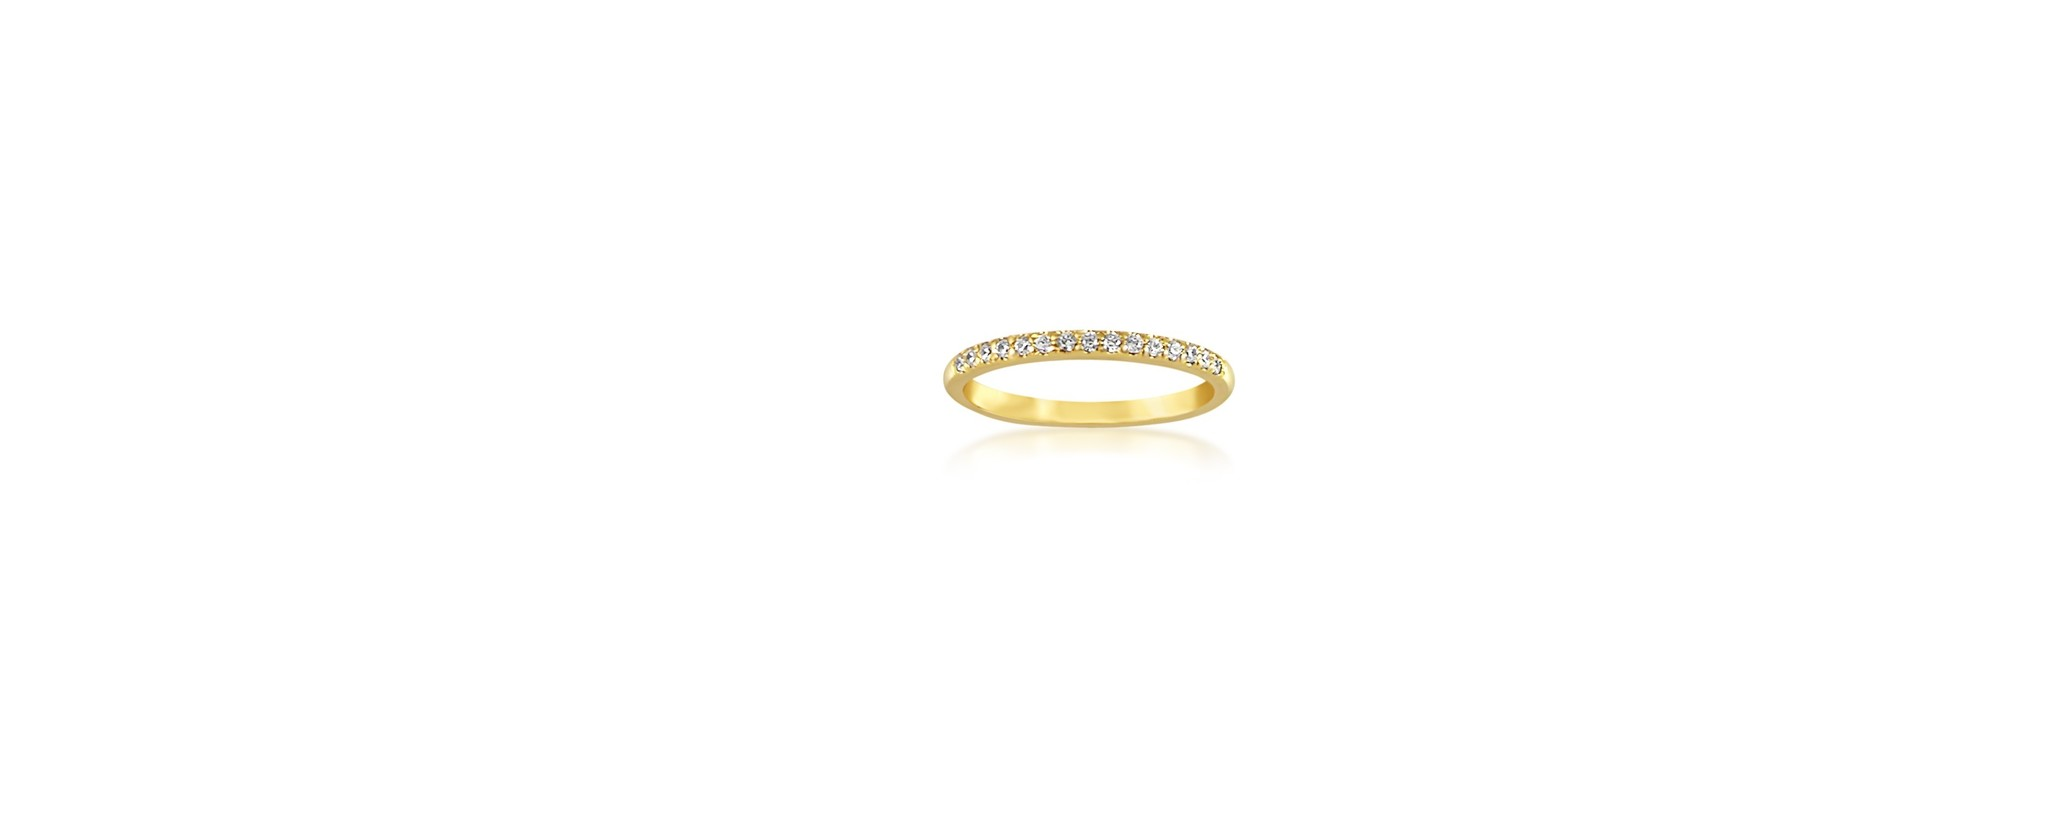 18 karaat geel goud ring met zirkonia